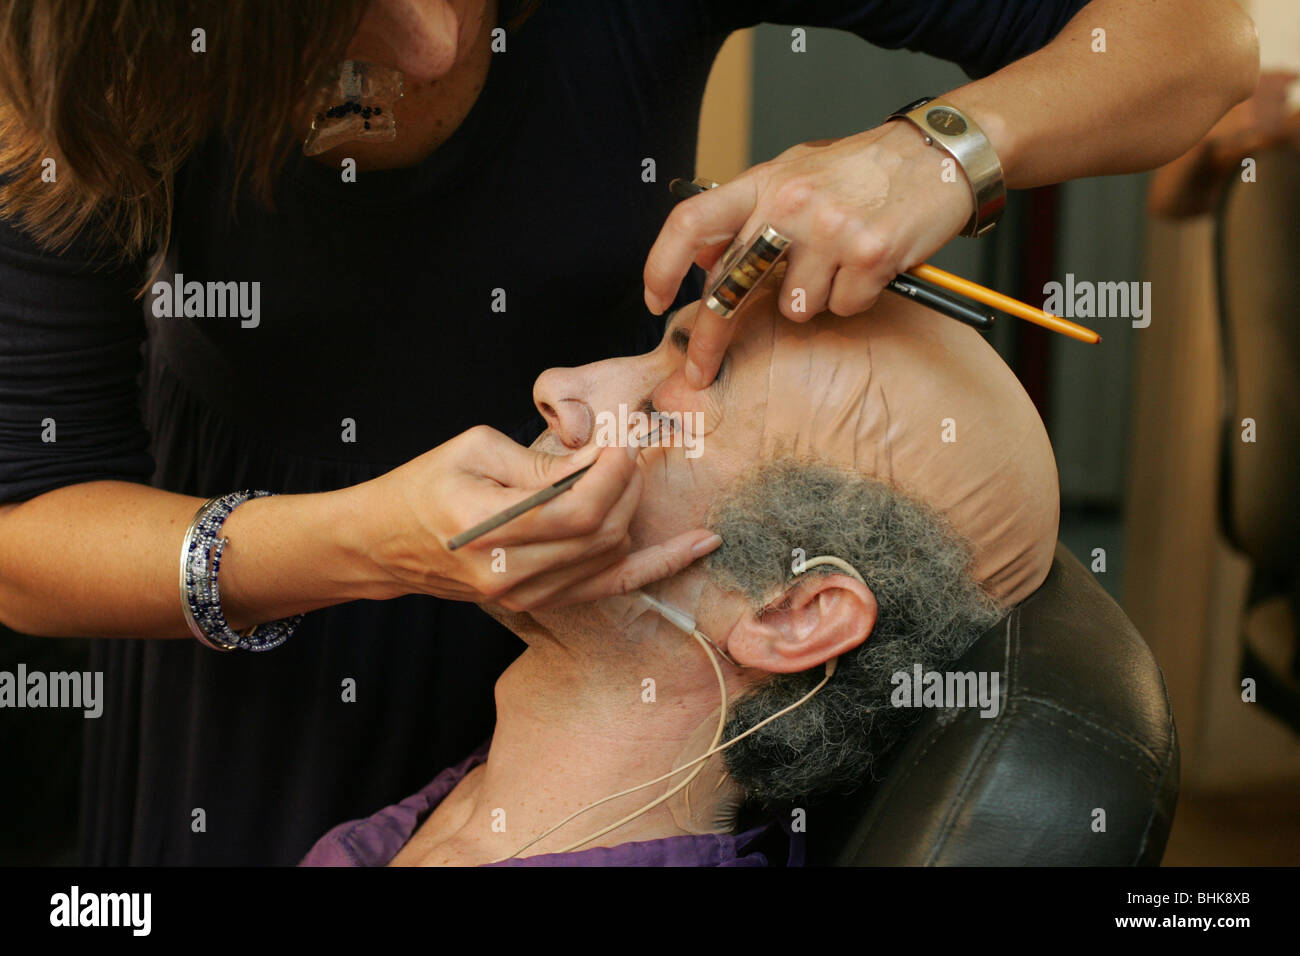 Maquillaje artista aplicar delineador de ojos para un actor. Imagen De Stock